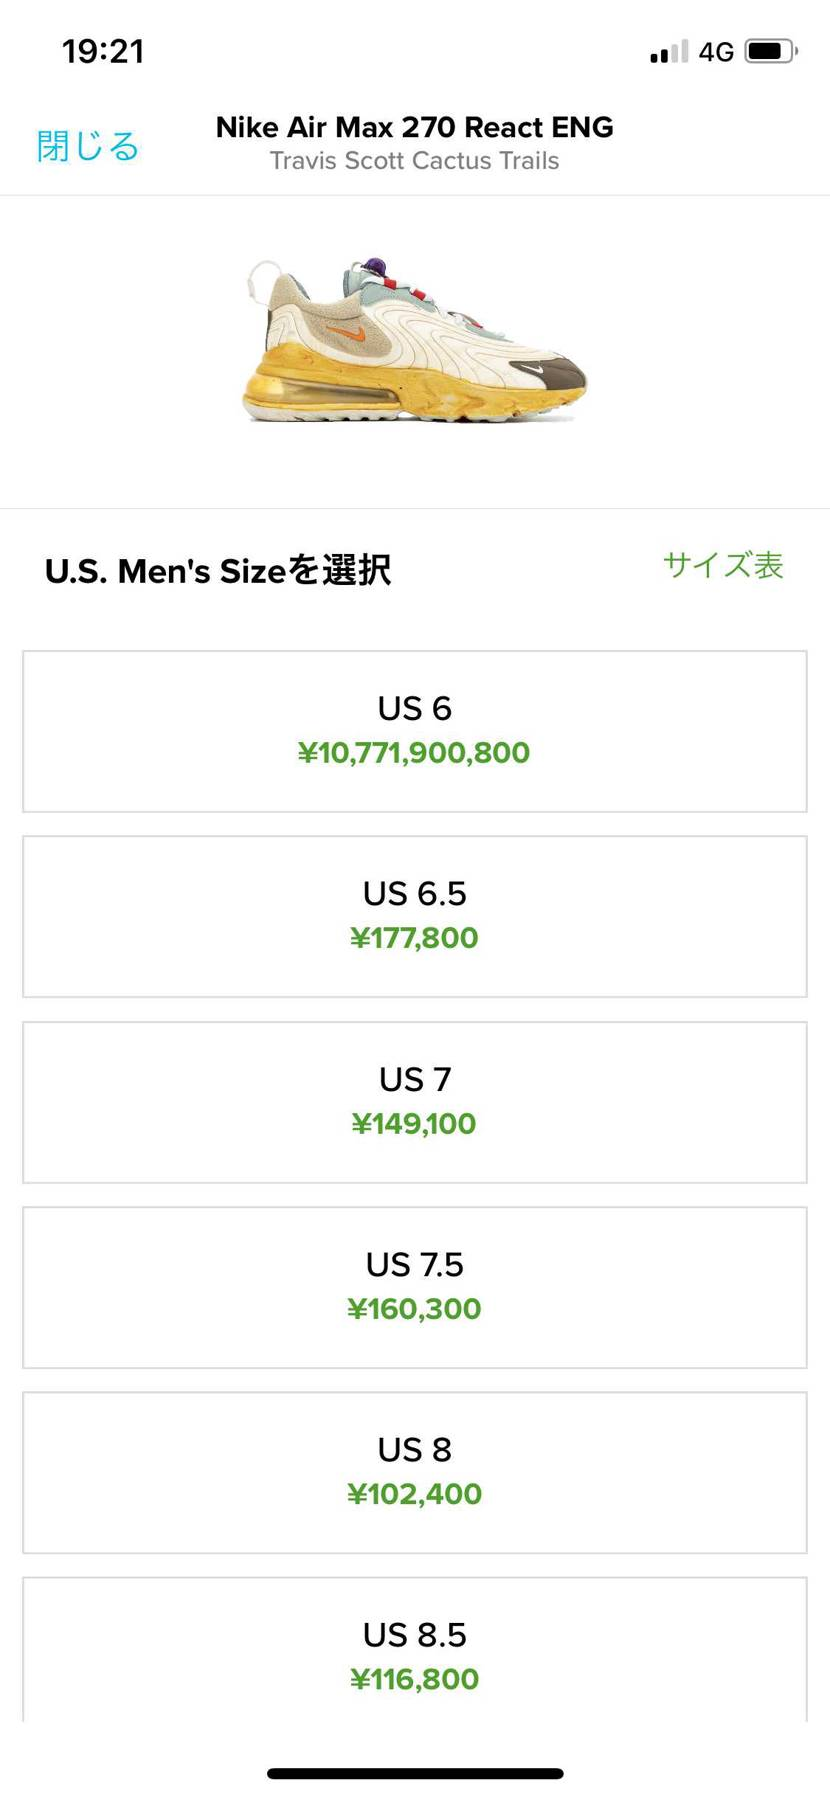 ん?1~0円?笑